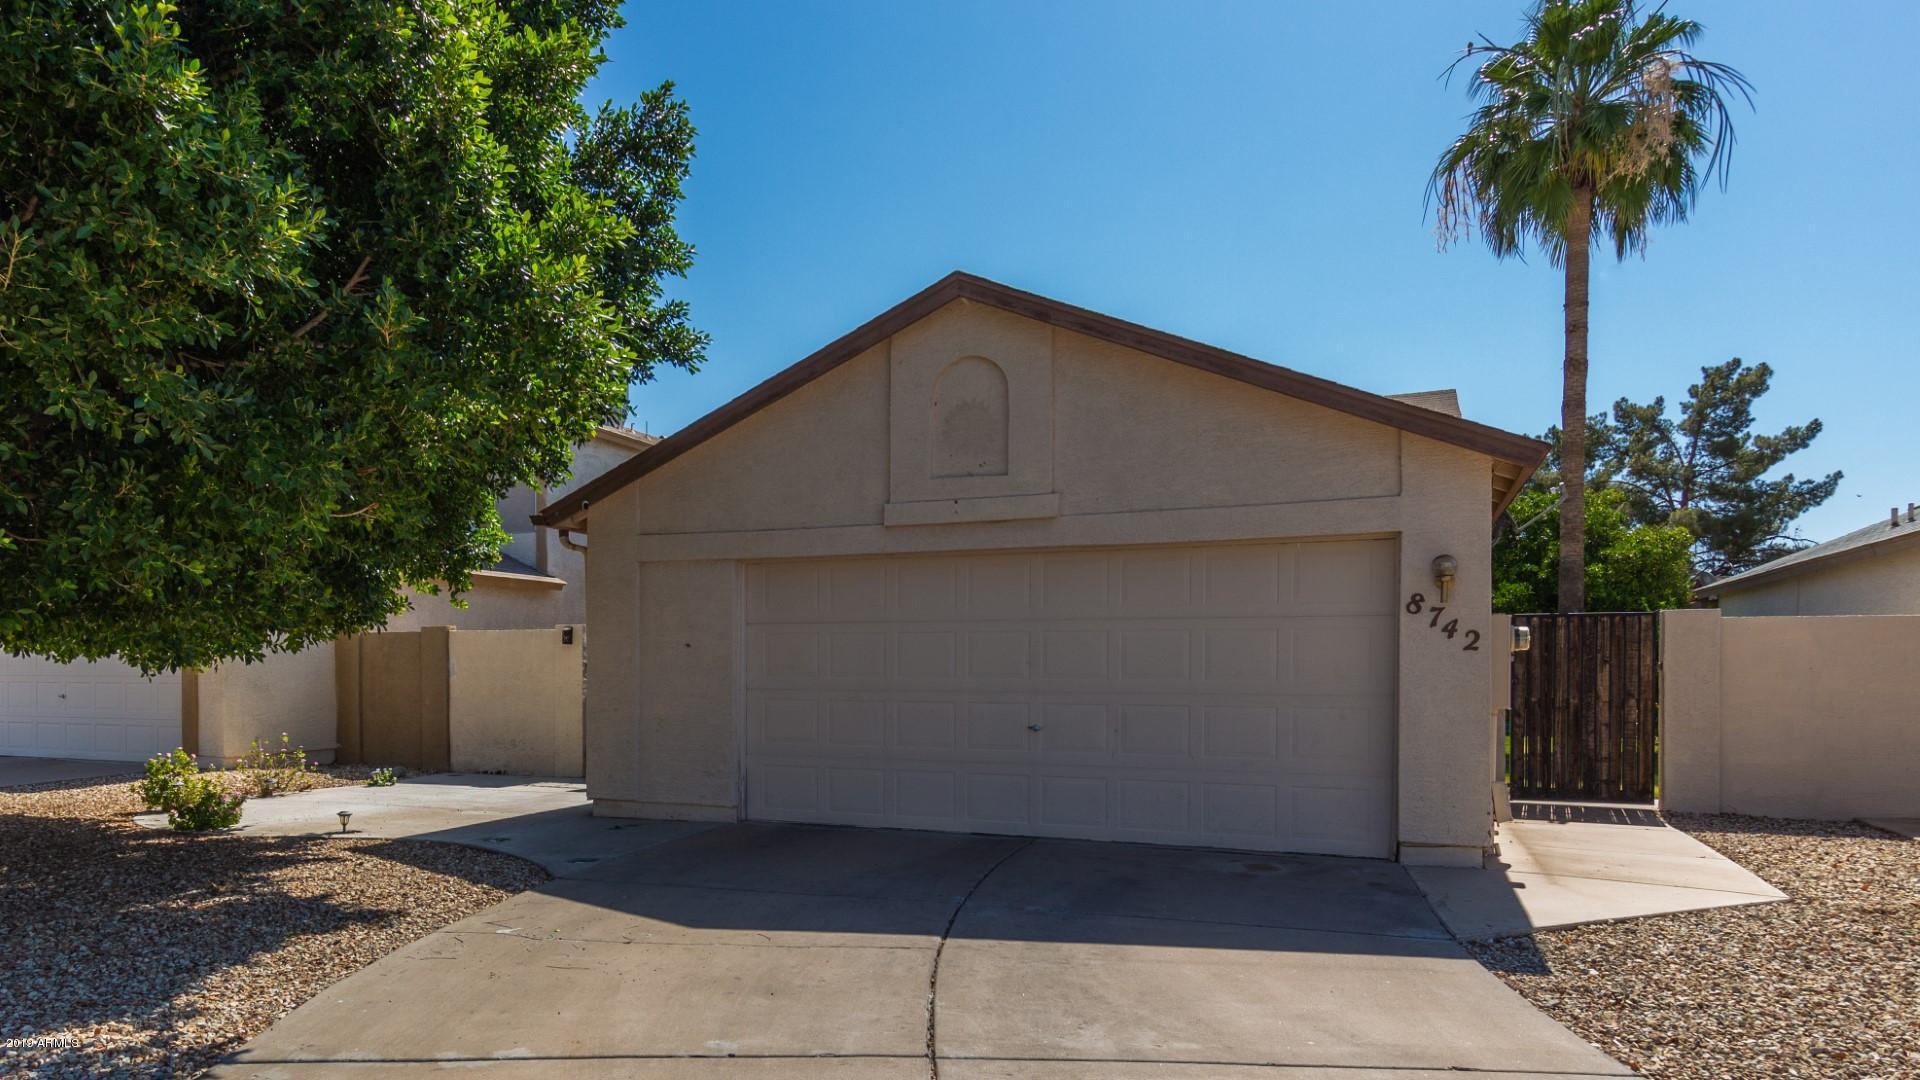 Photo of 8742 W ATHENS Street, Peoria, AZ 85382